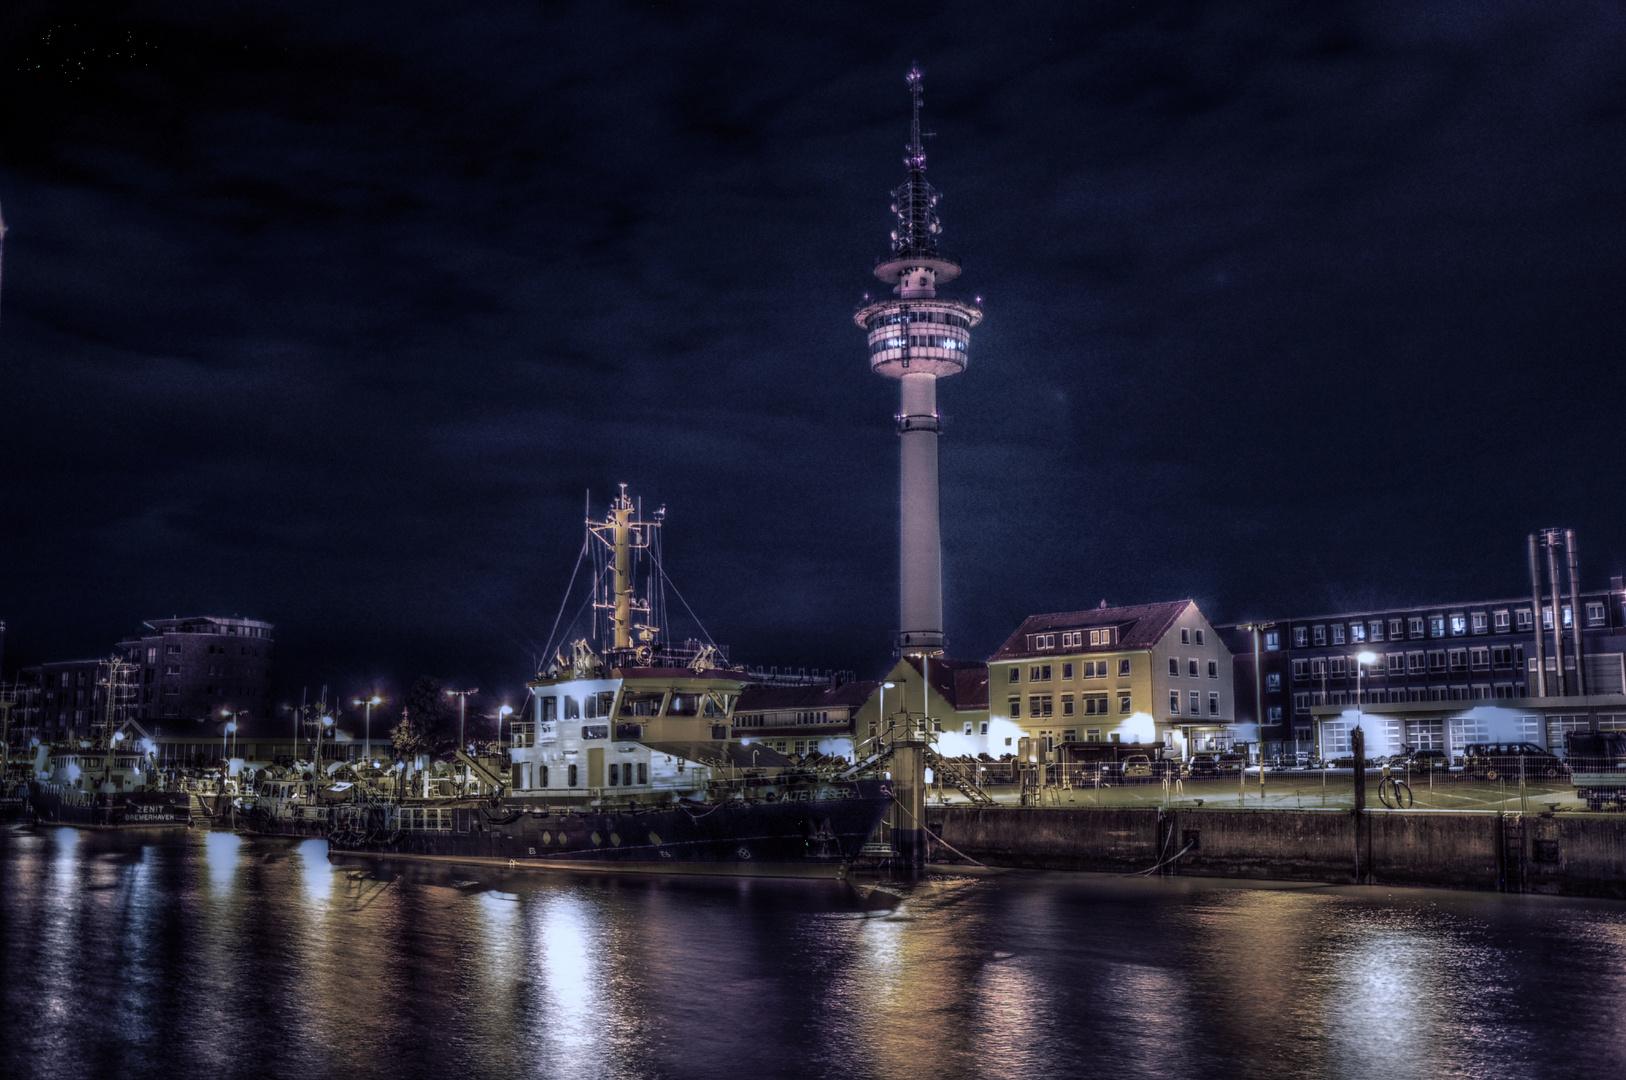 Tonnenhof bei Nacht HDR